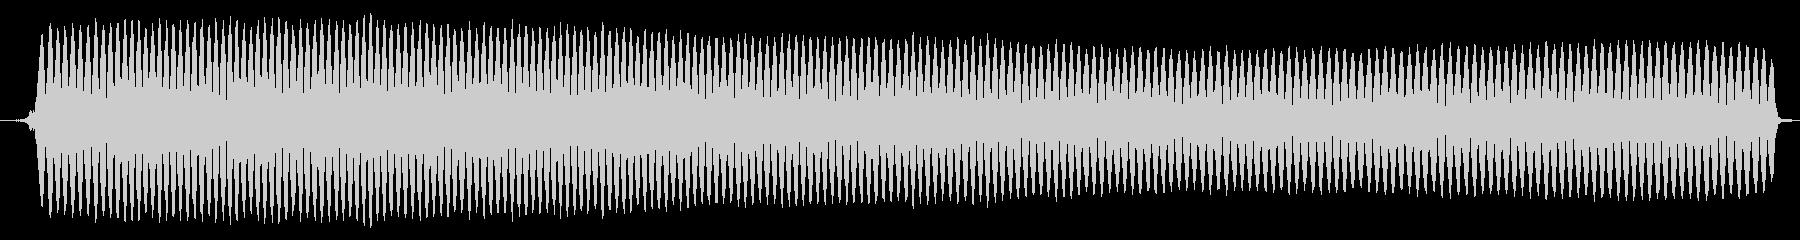 「ピィィーッ」サッカー重大なファールの笛の未再生の波形